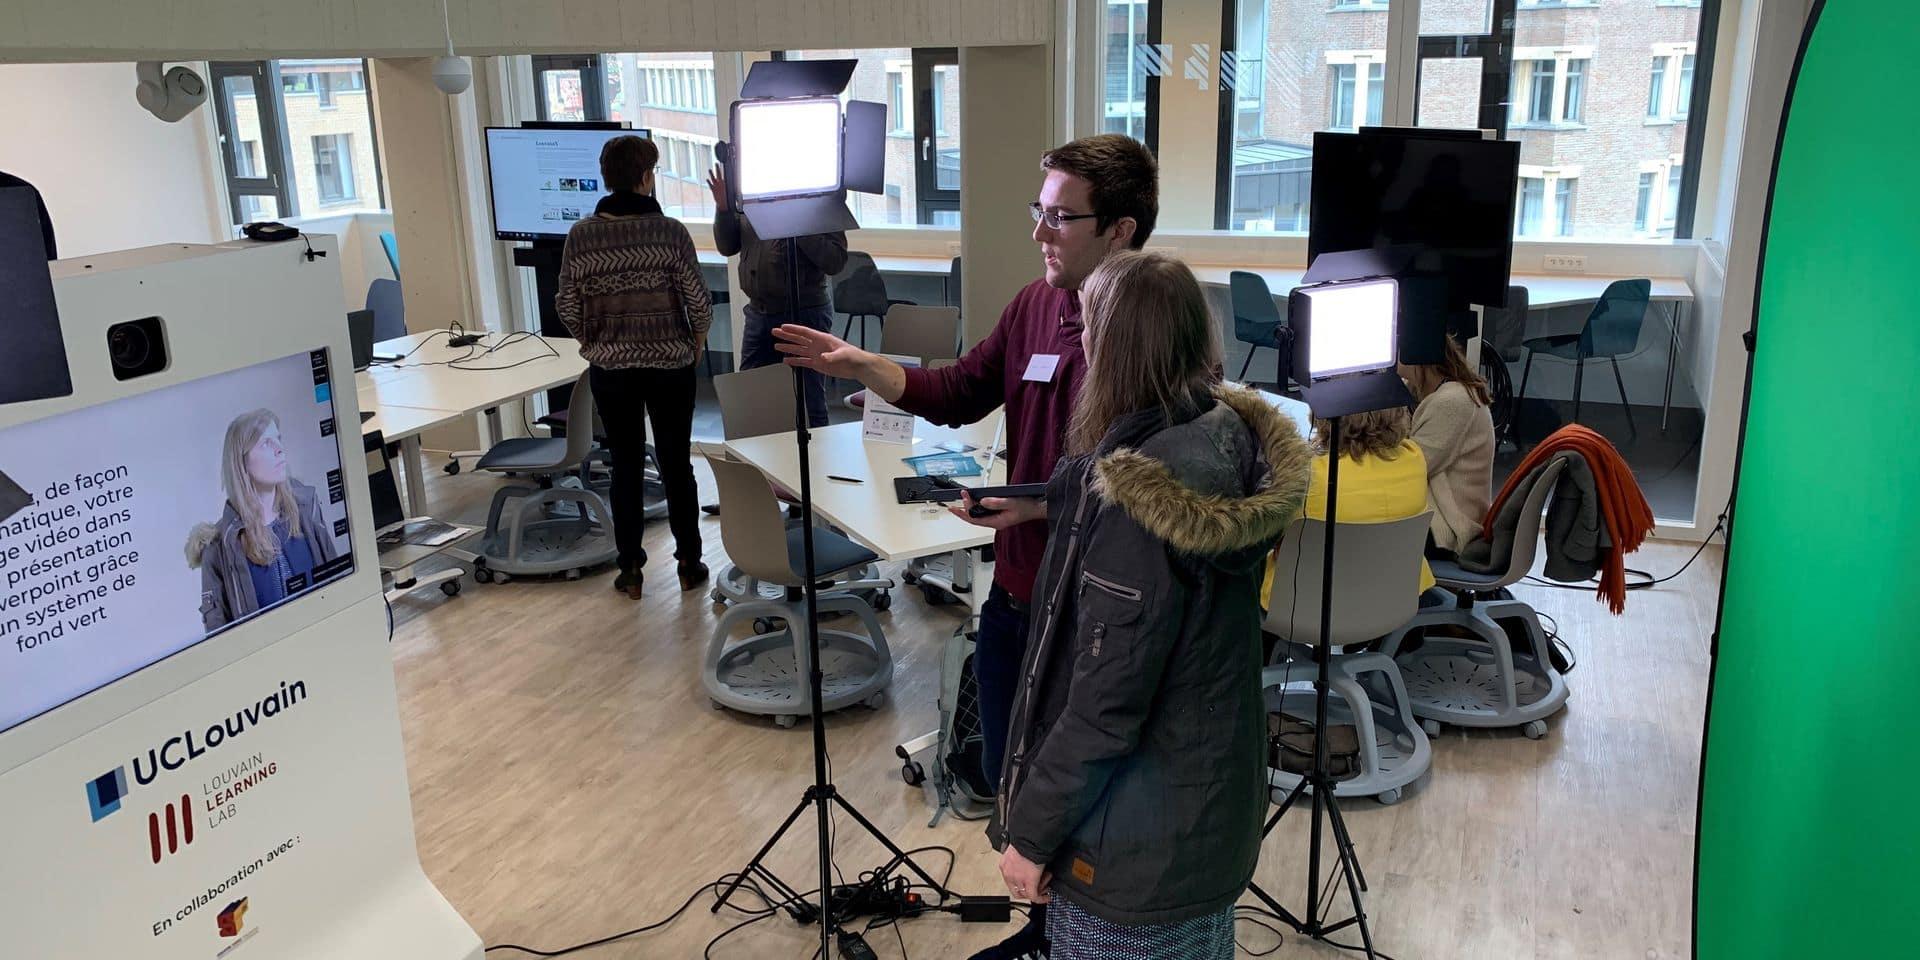 """Une bibliothèque de l'UCLouvain transformée en """"learning center"""""""